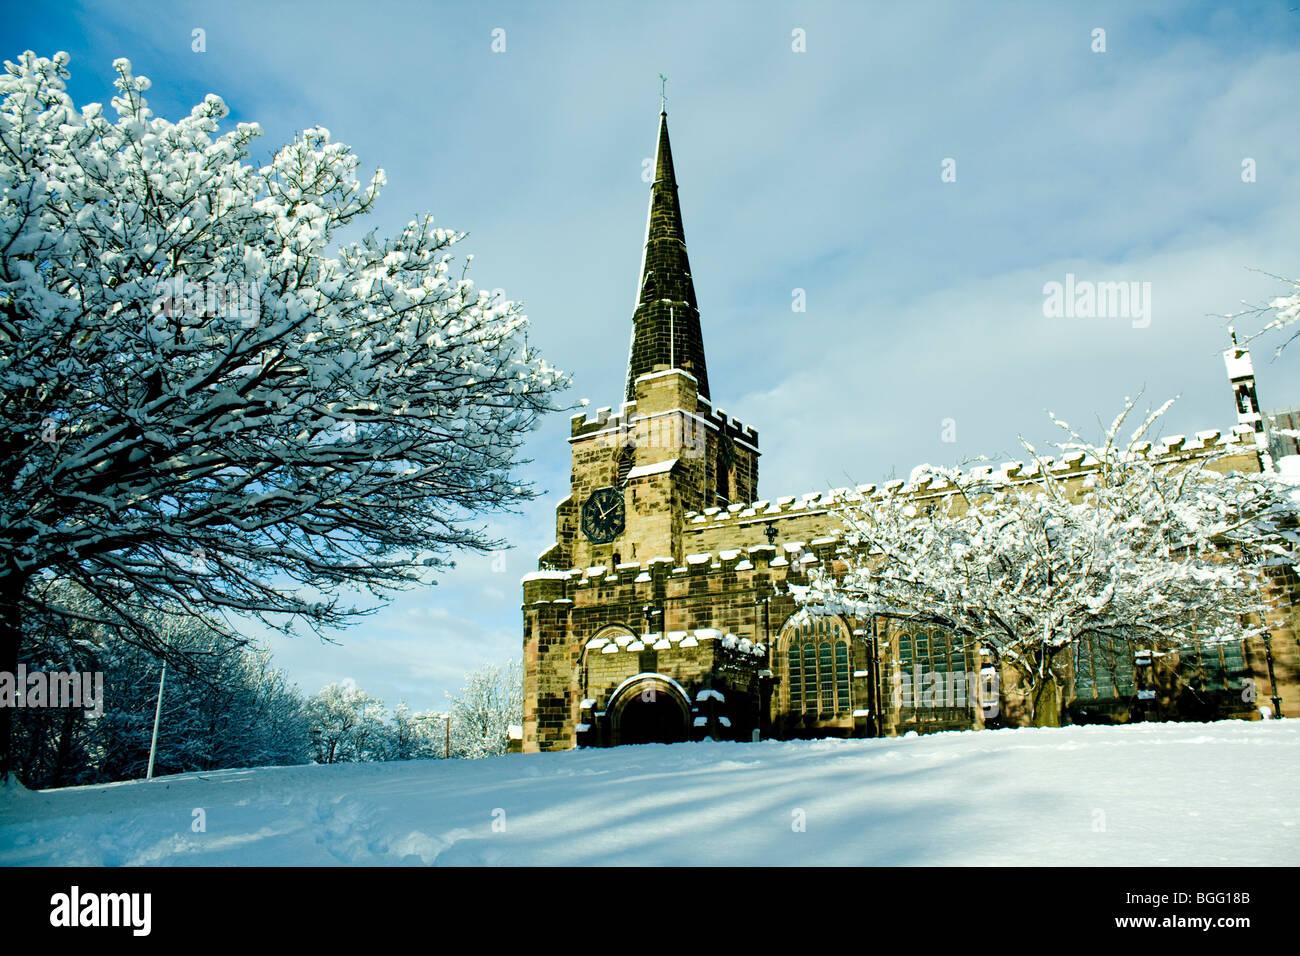 Winwick Church in the Snow. Ian Burton - Stock Image